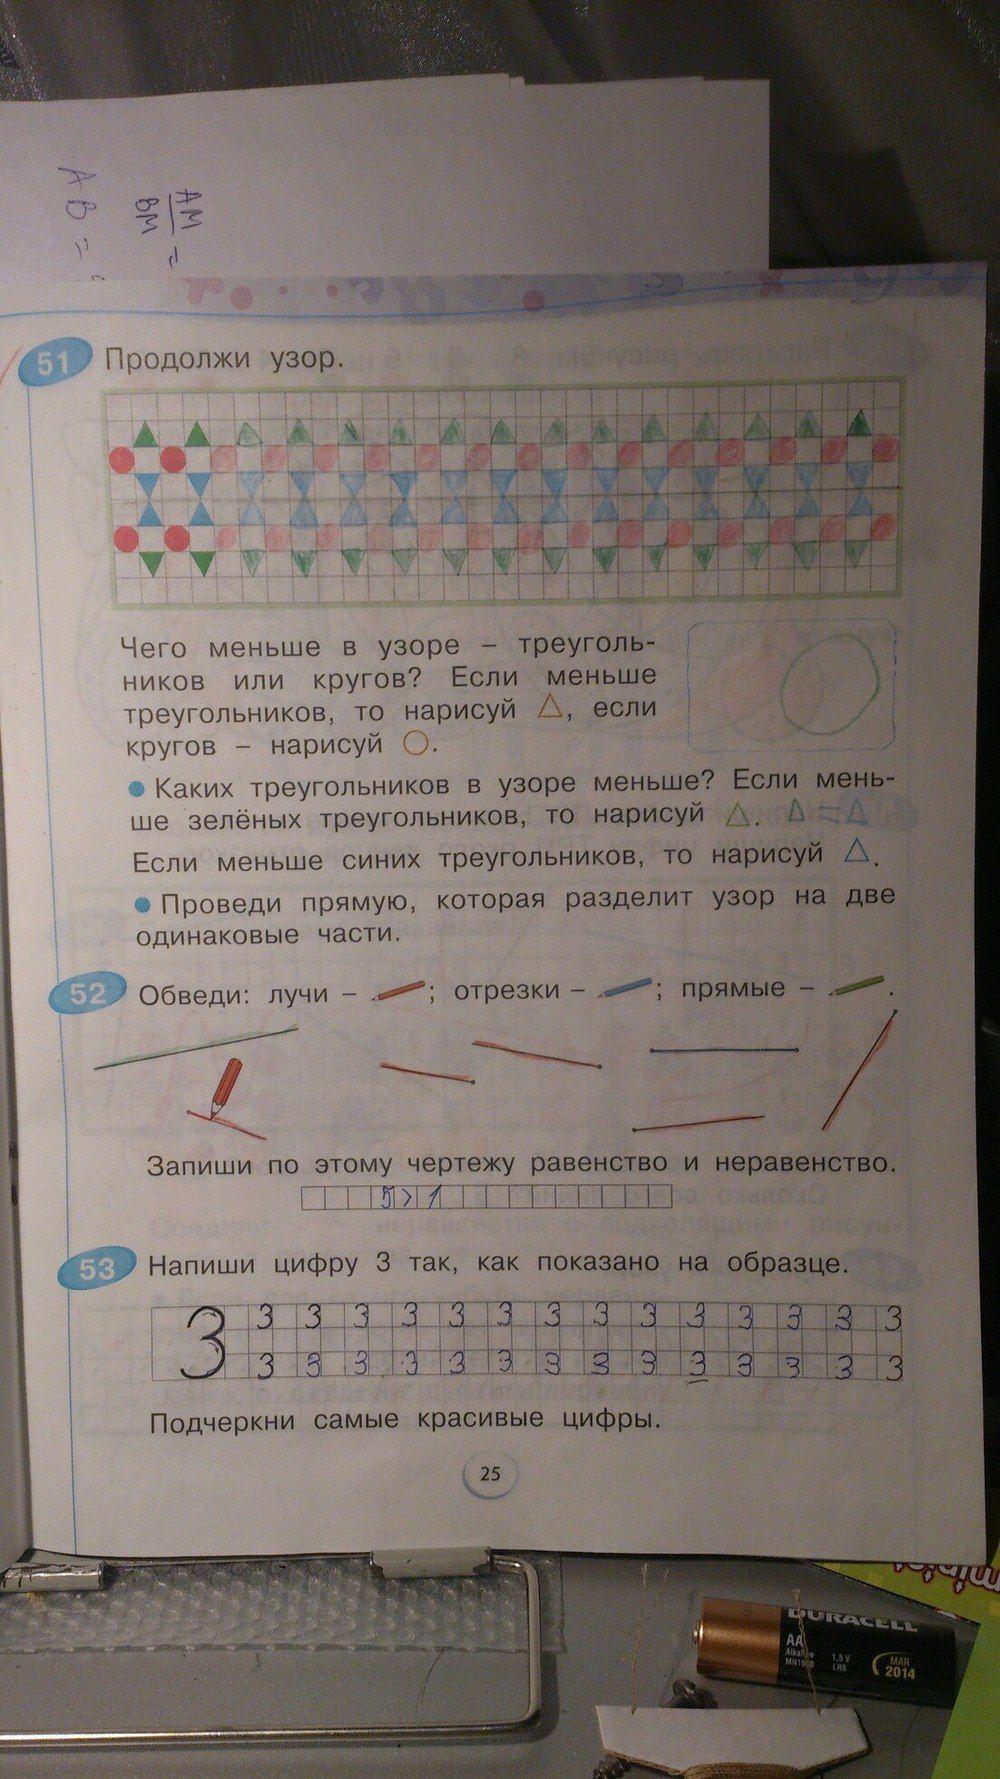 Домашнее задание по английскому языку 4 класс в рабочей тетради кочиной и карпюк